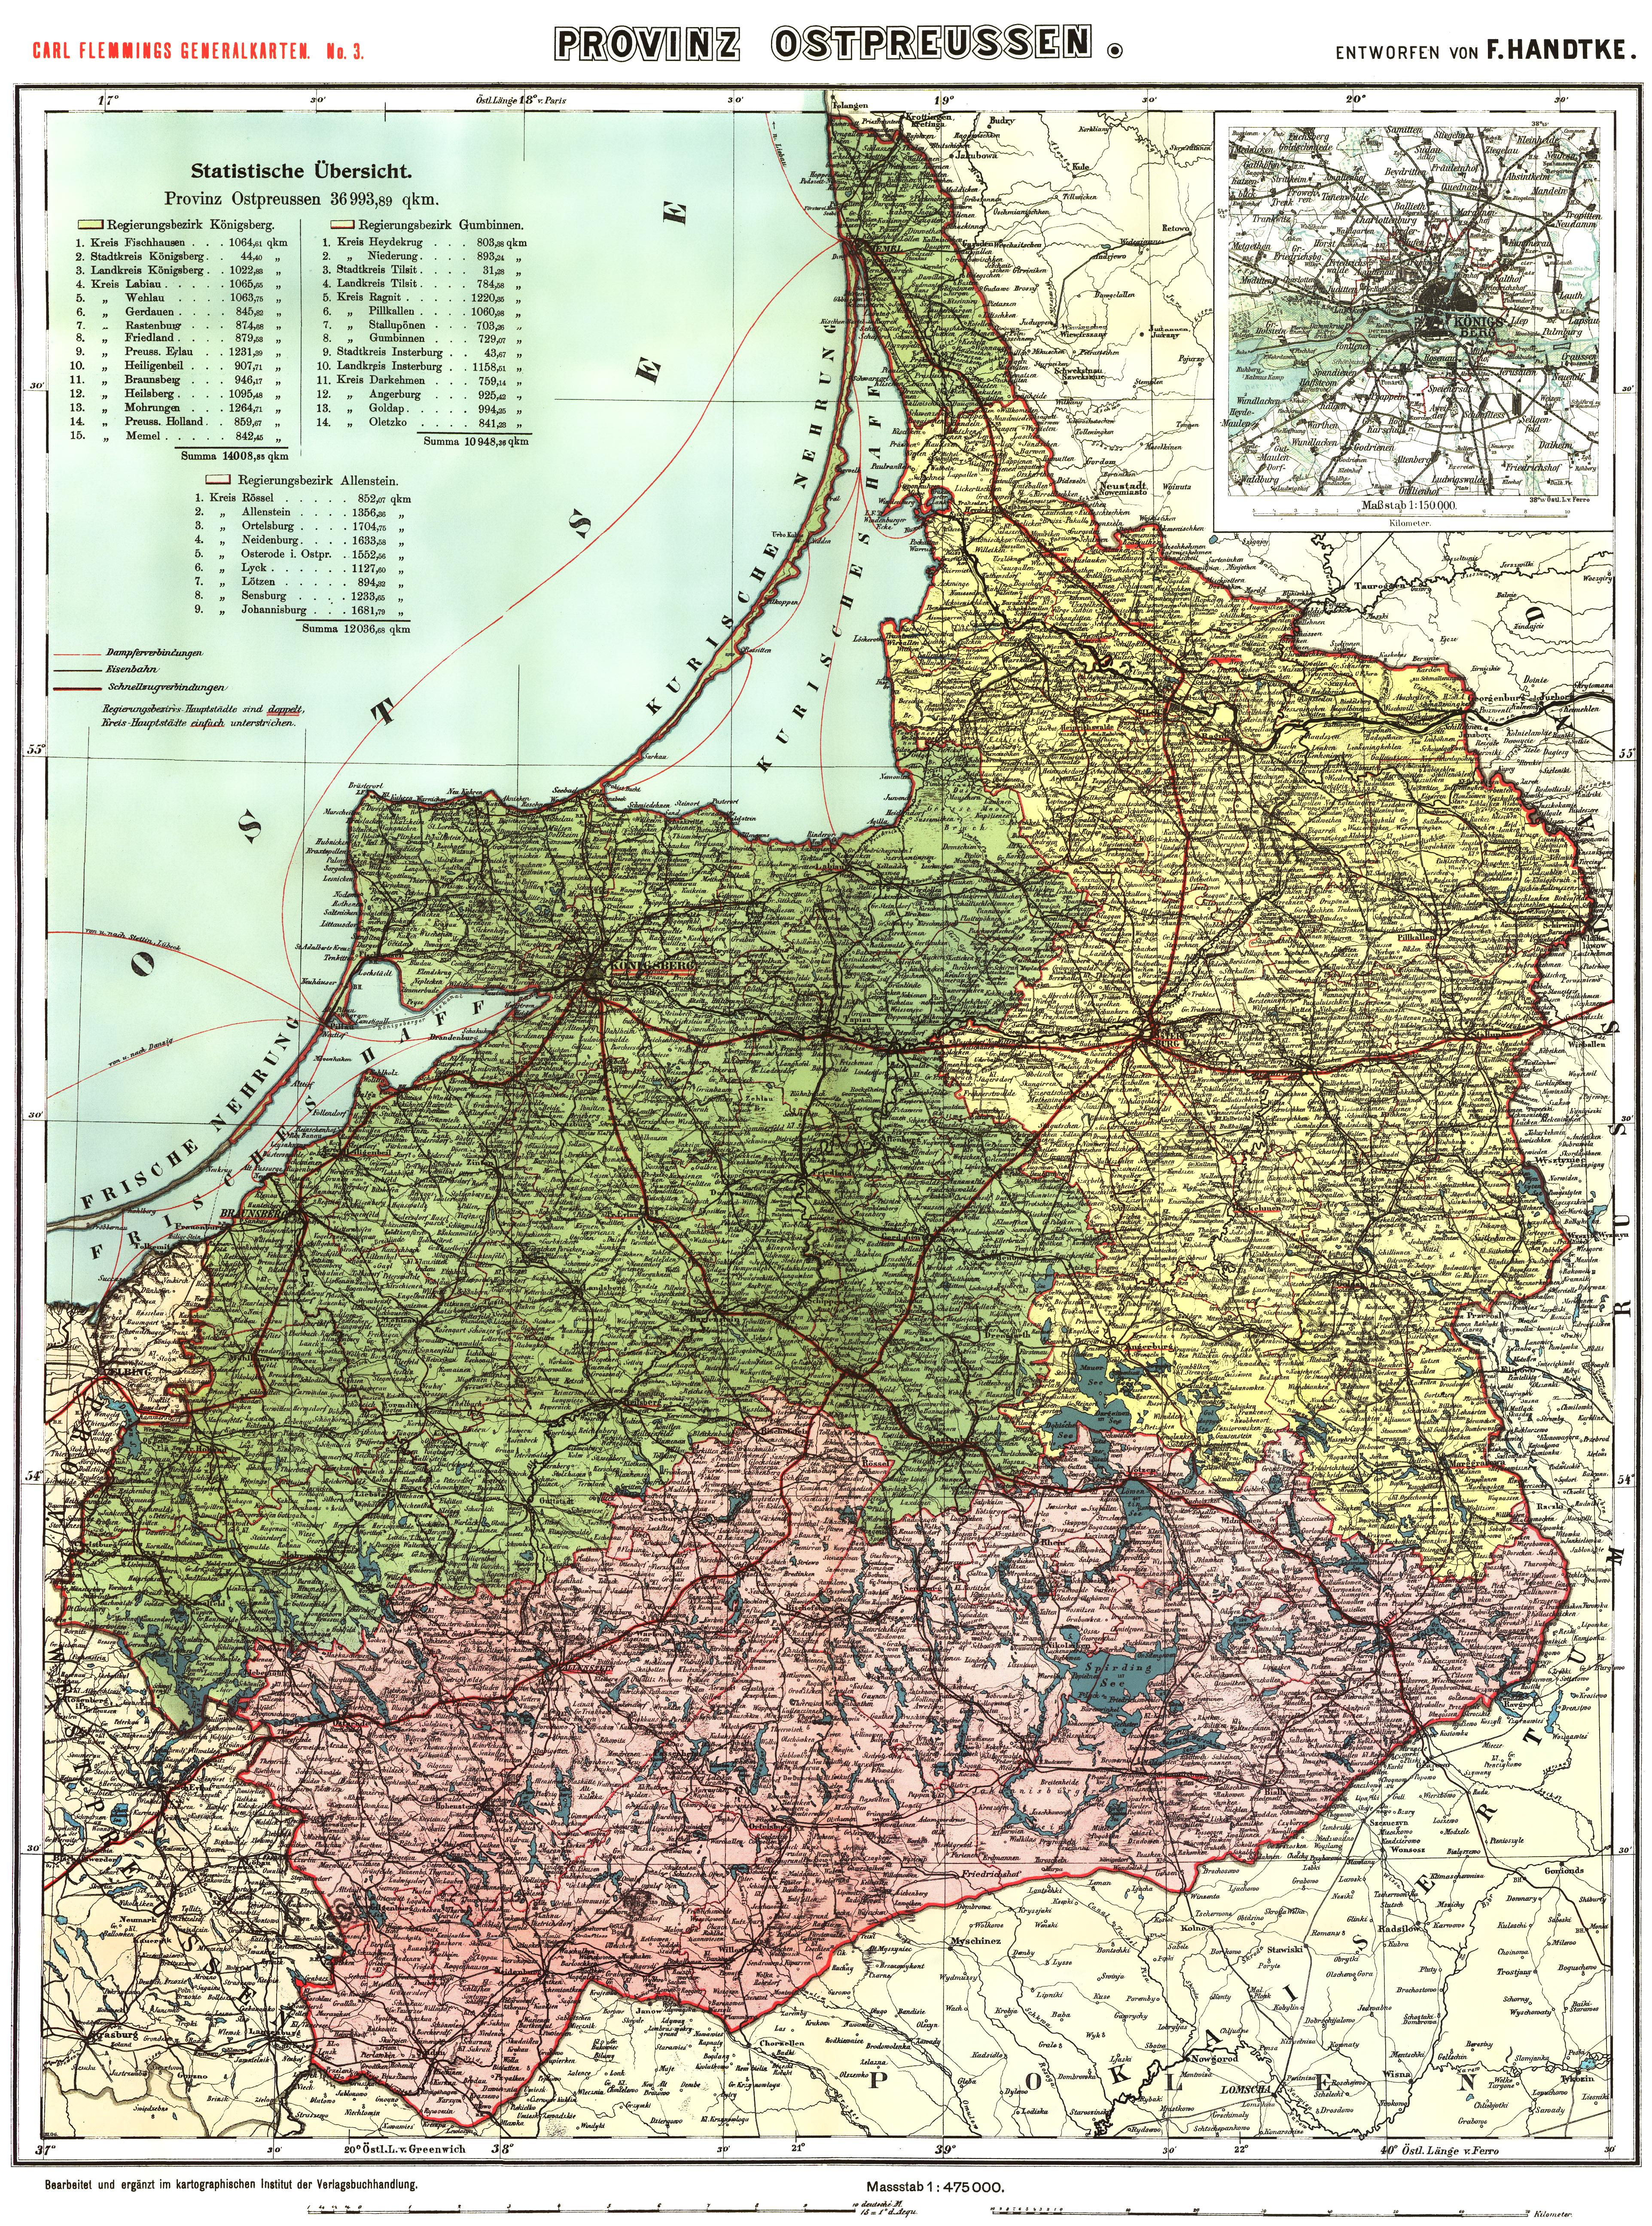 Историческая карта Восточной Пруссии 1910 года скачать: http://www.etomesto.ru/karta656/